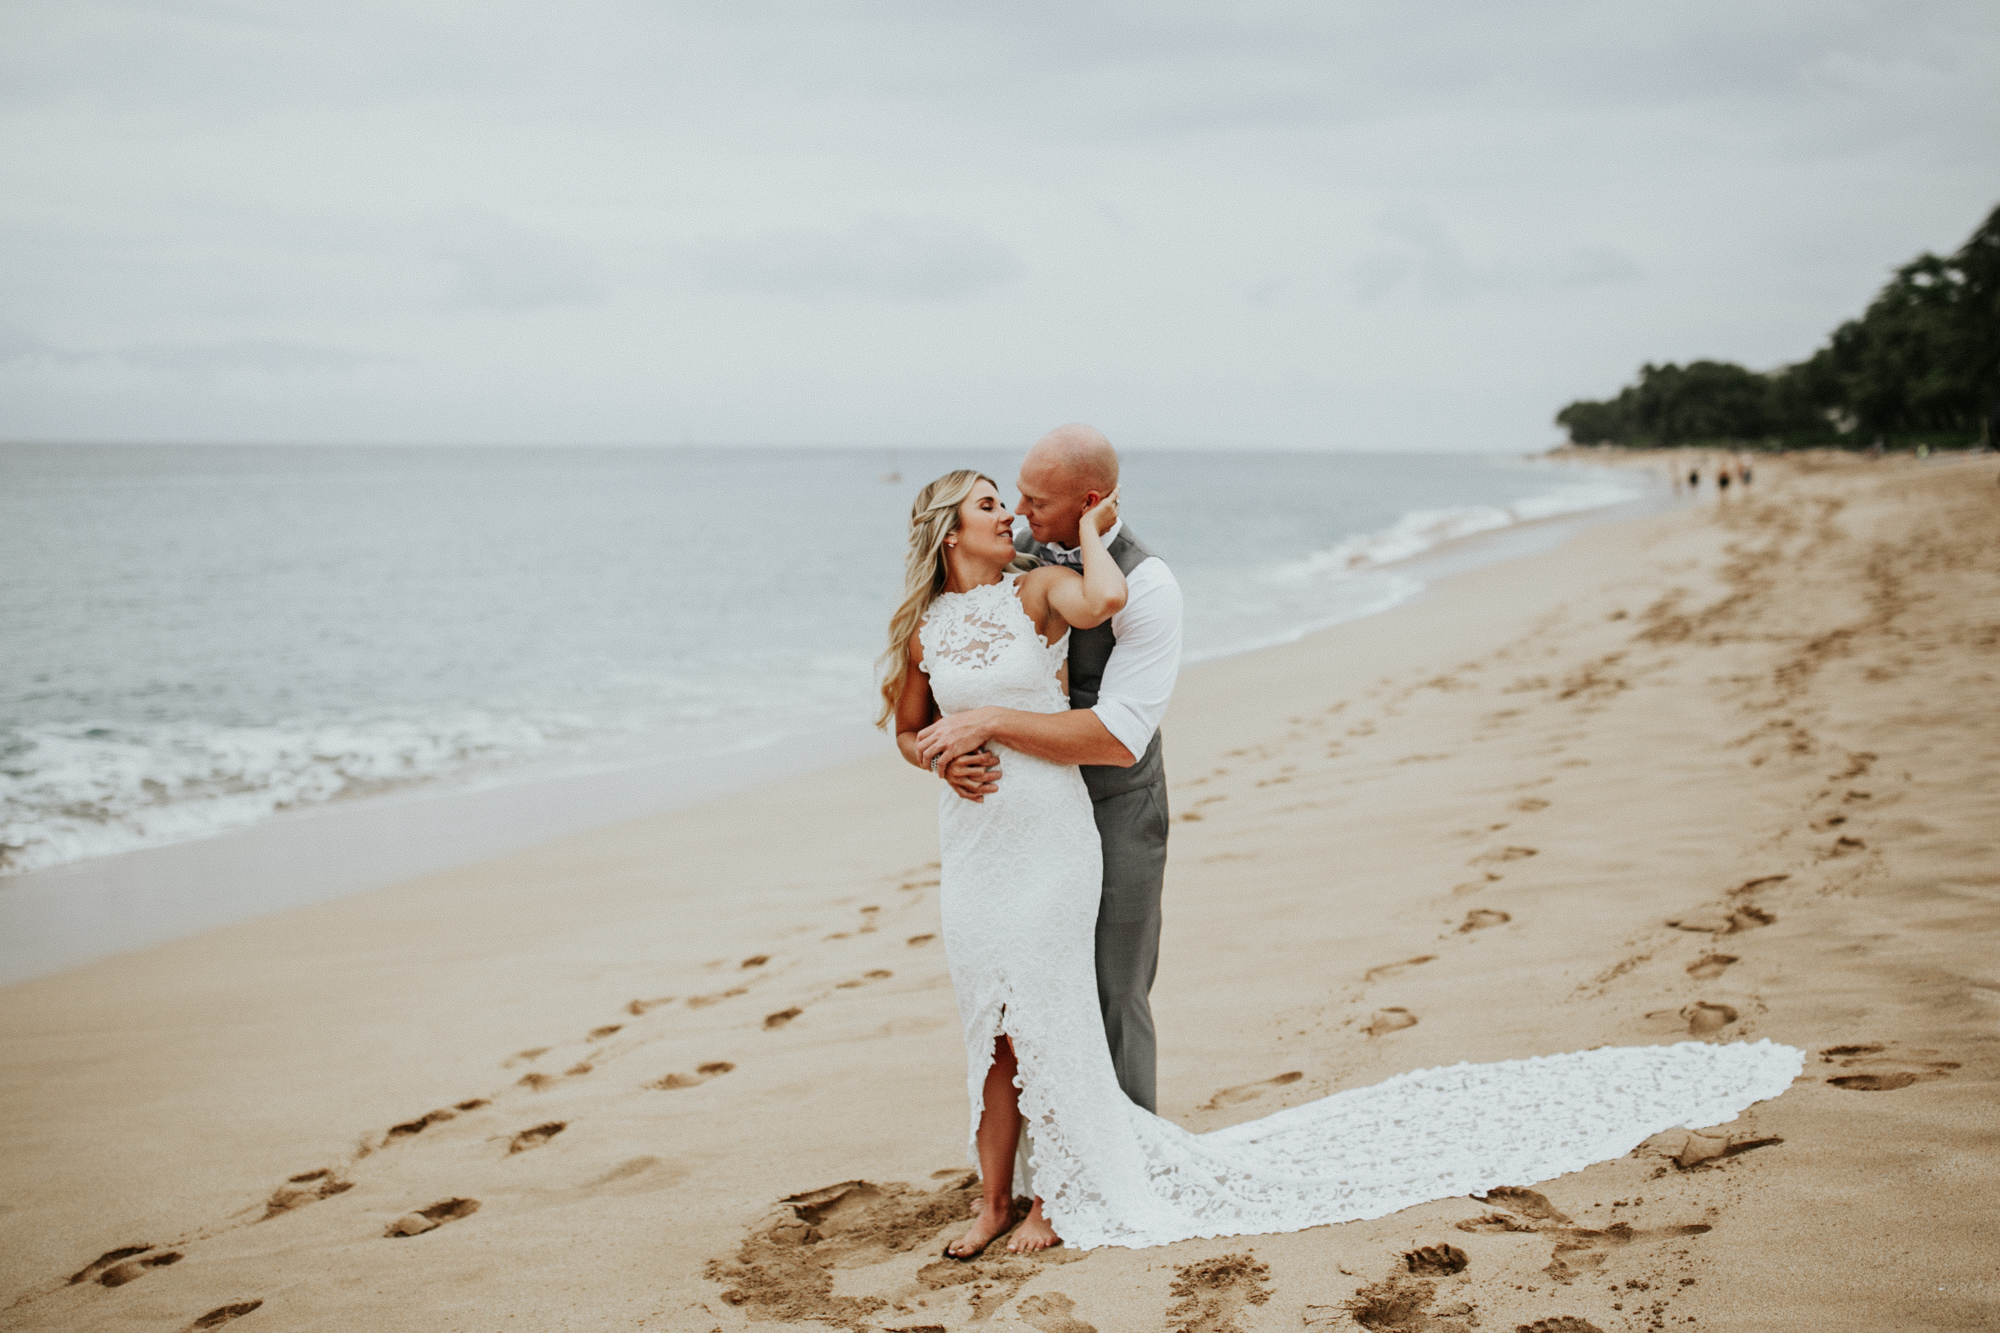 destination-wedding-photographer-hawaii-maui-elopement-44.jpg